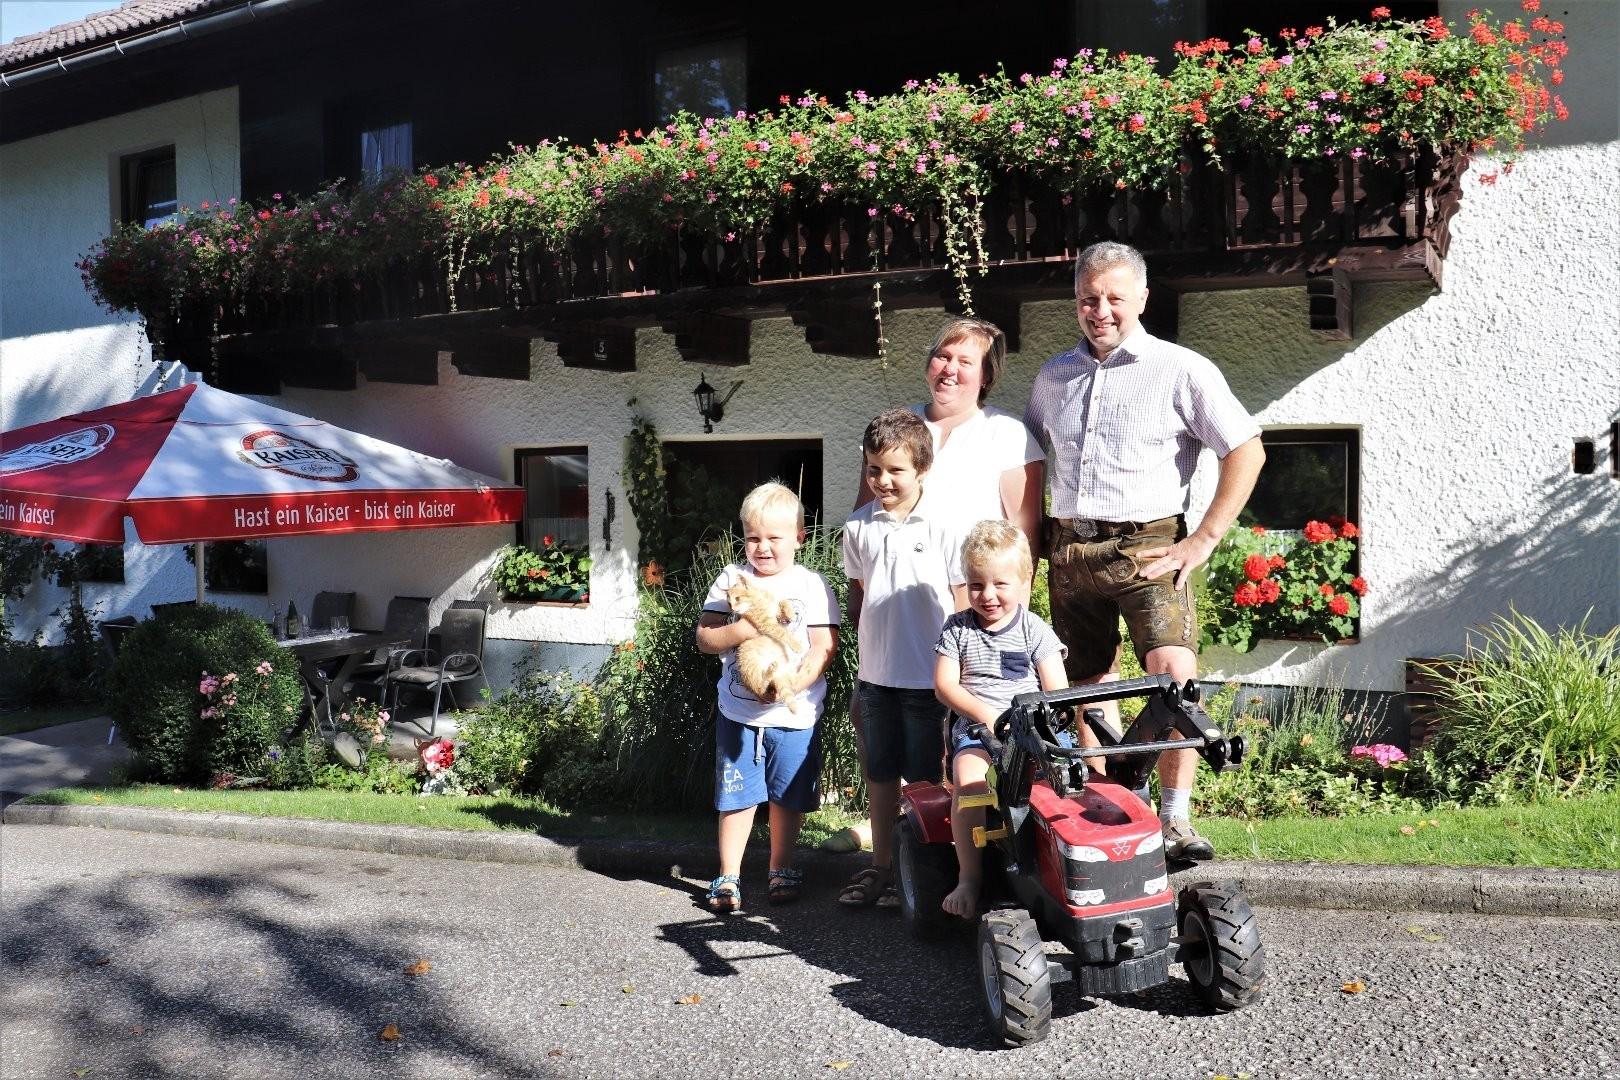 Familie Stockner07.jpg